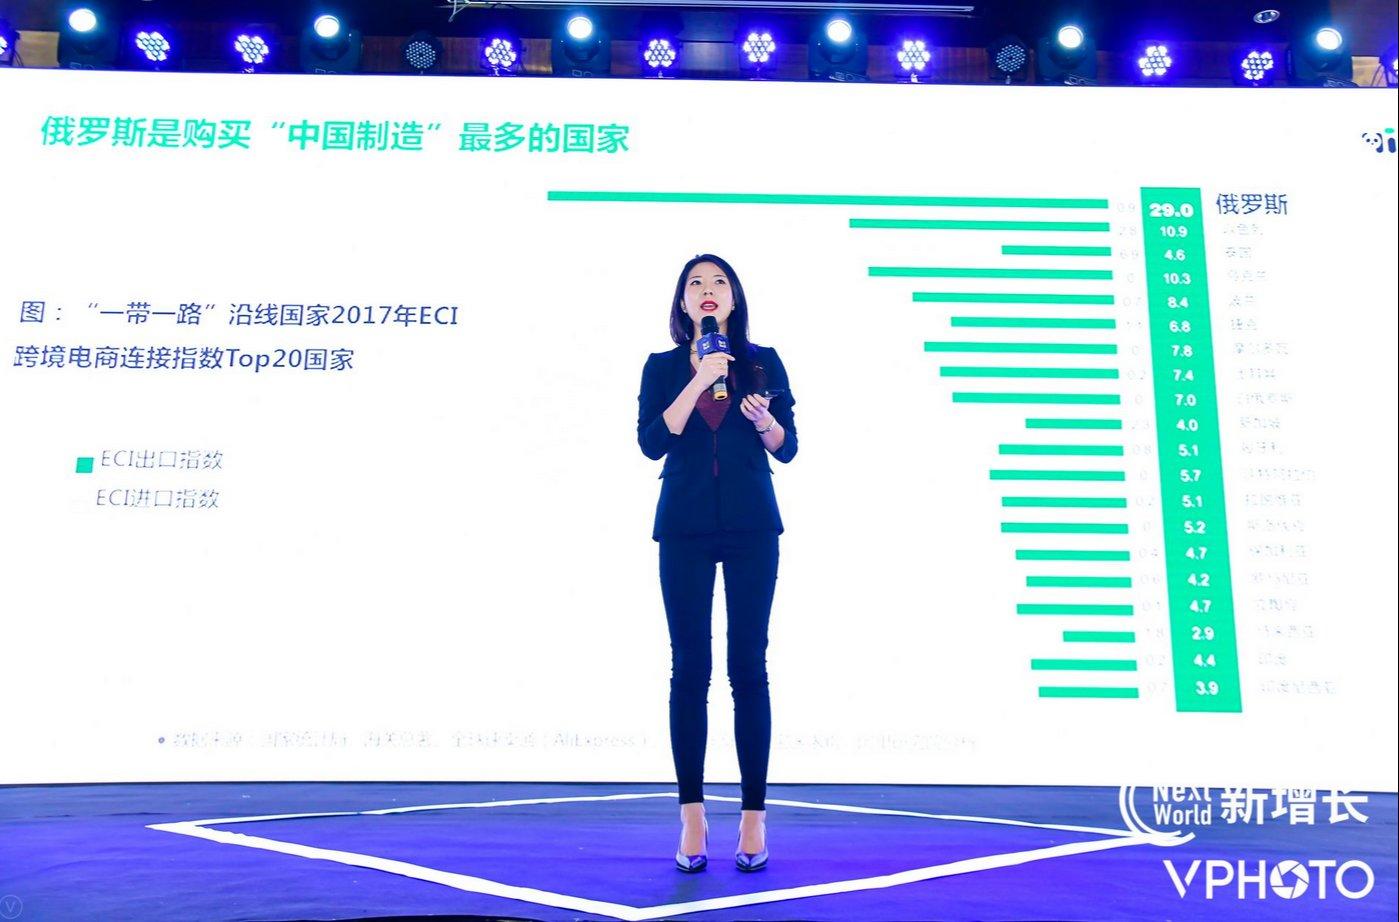 俄罗斯电商平台 UMKA 中国区副总裁 Sofia Zhang